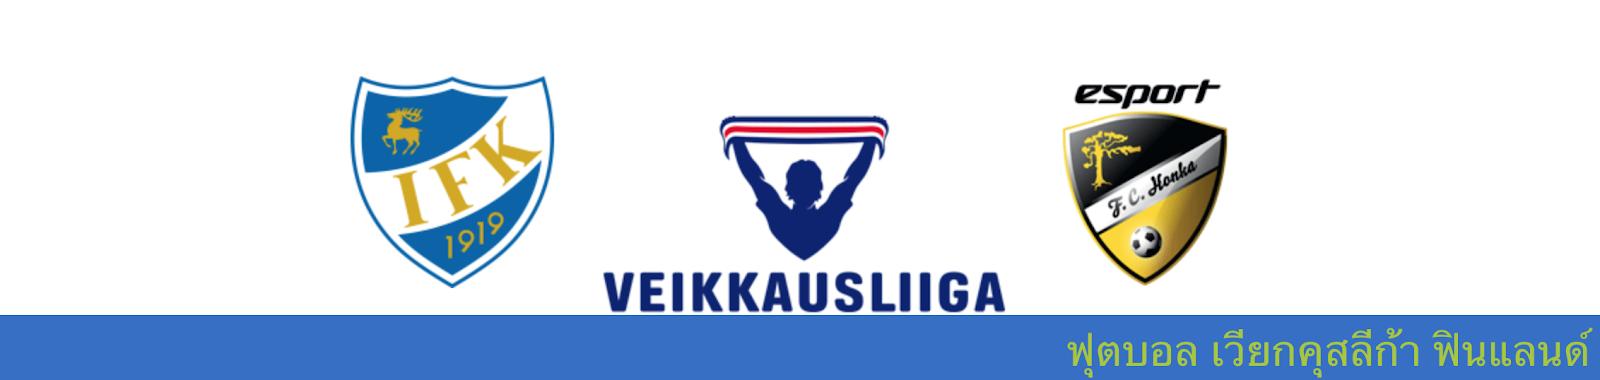 ดูบอลสด วิเคราะห์บอล ฟินแลนด์ ระหว่าง มารีฮามน์ vs ฮอนก้า